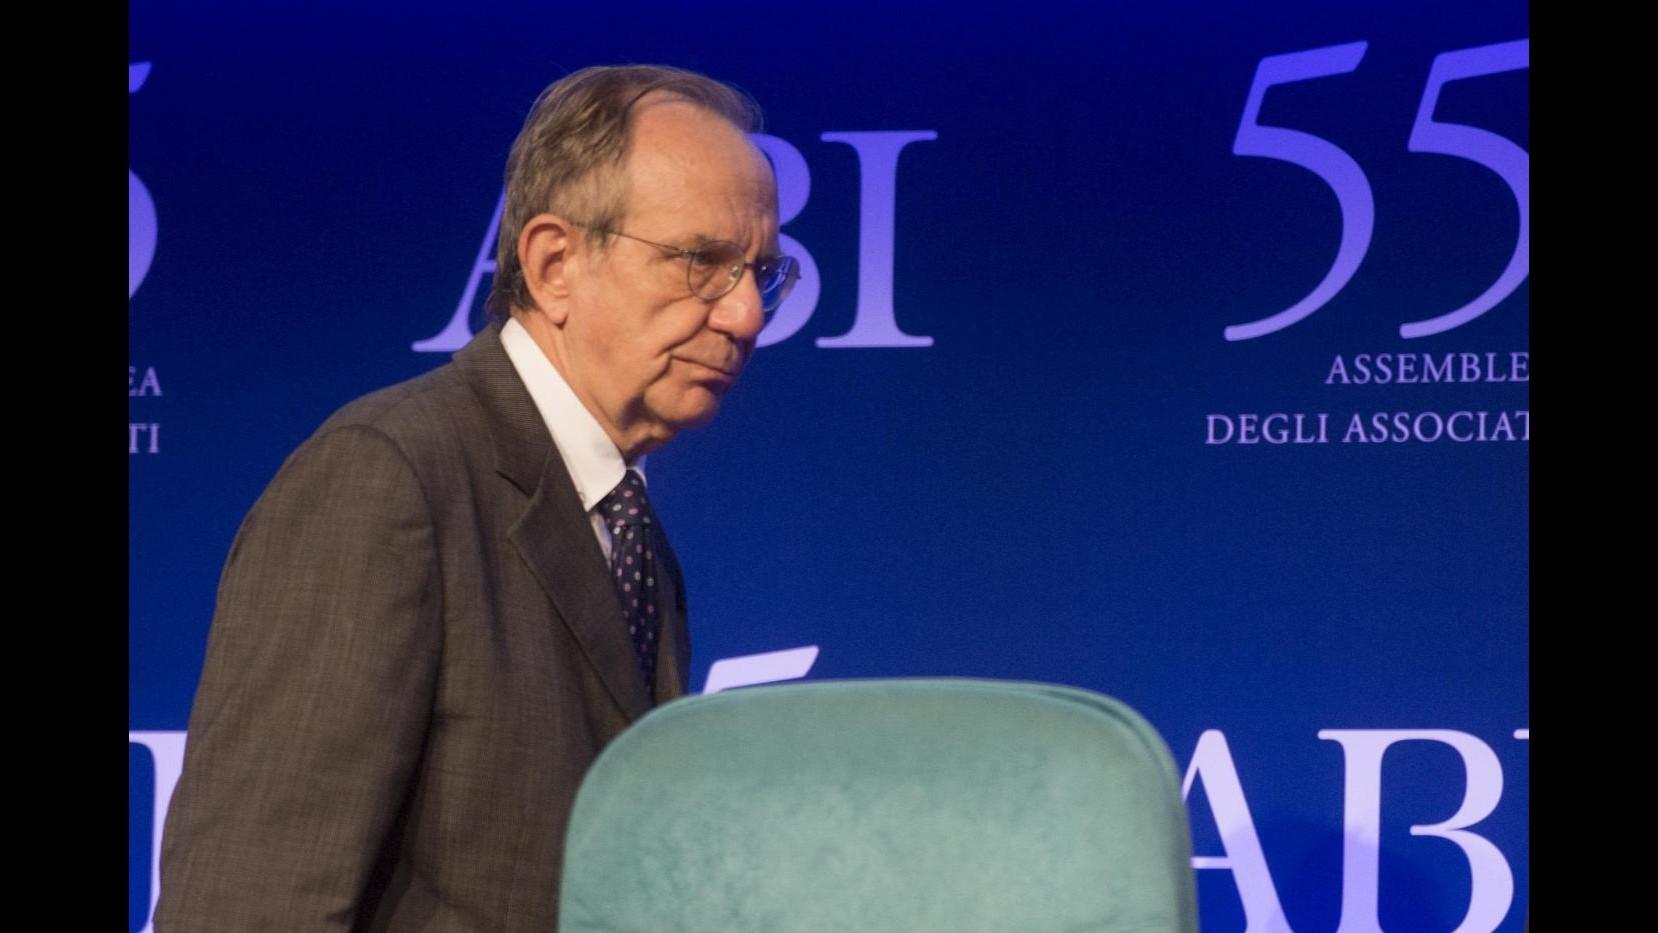 Crisi, Padoan: Crescita si sta rafforzando Ora più investimenti, non solo disciplina